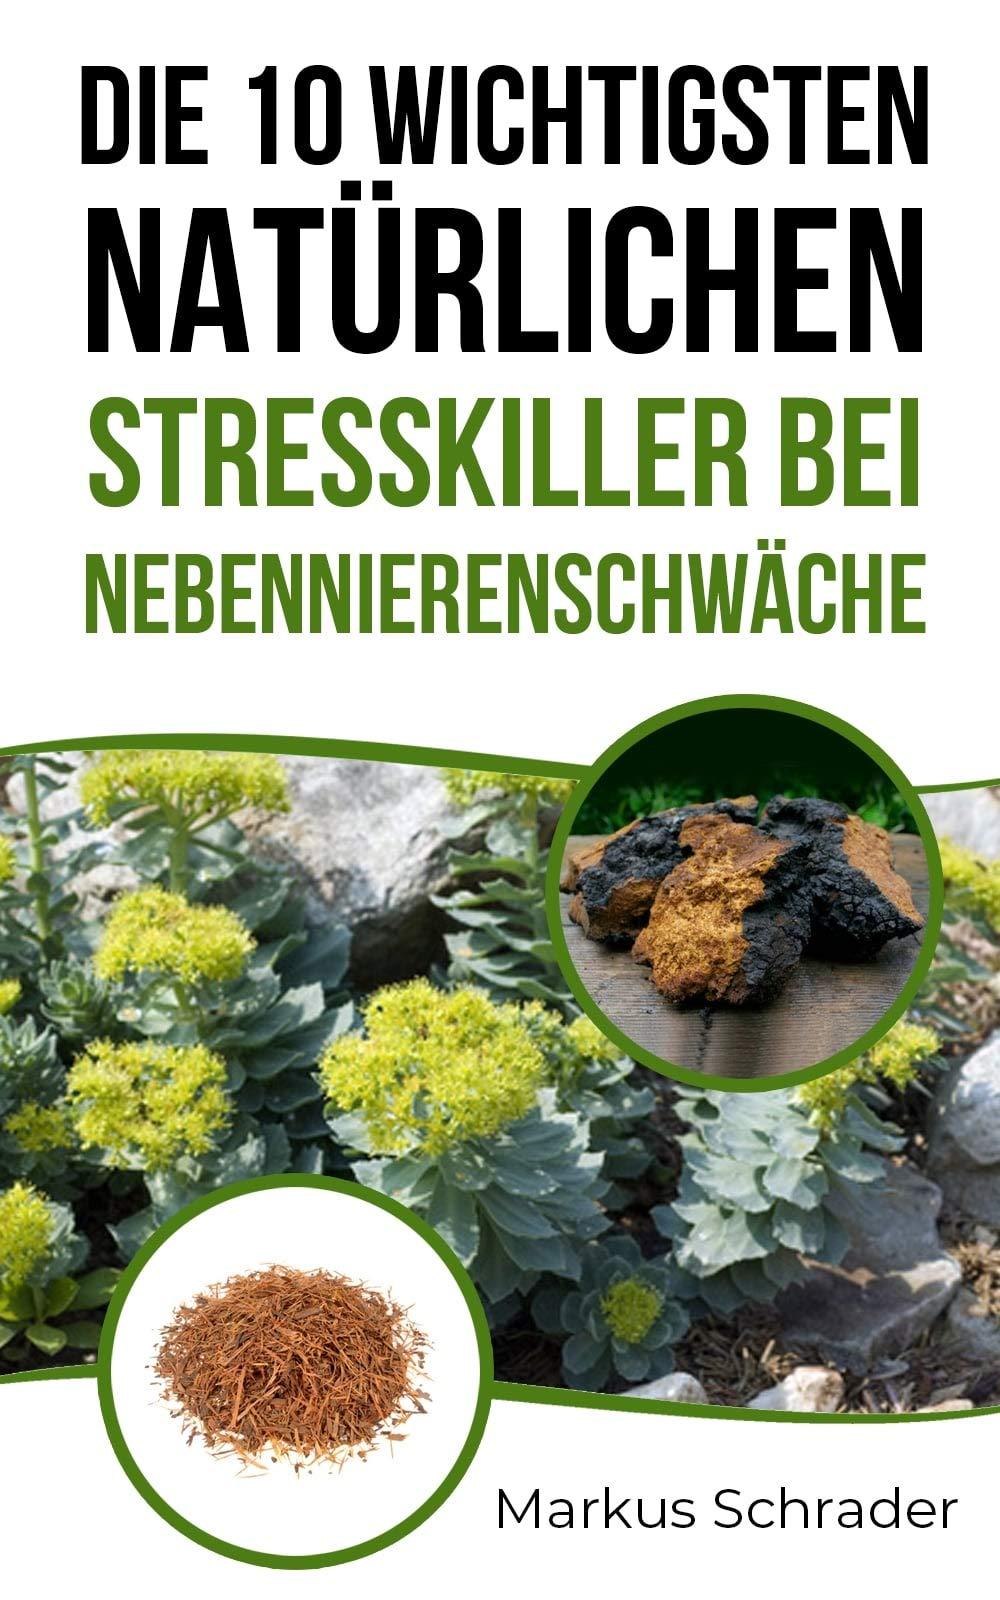 Die 10 Wichtigsten Natürlichen Stresskiller Bei Nebennierenschwäche